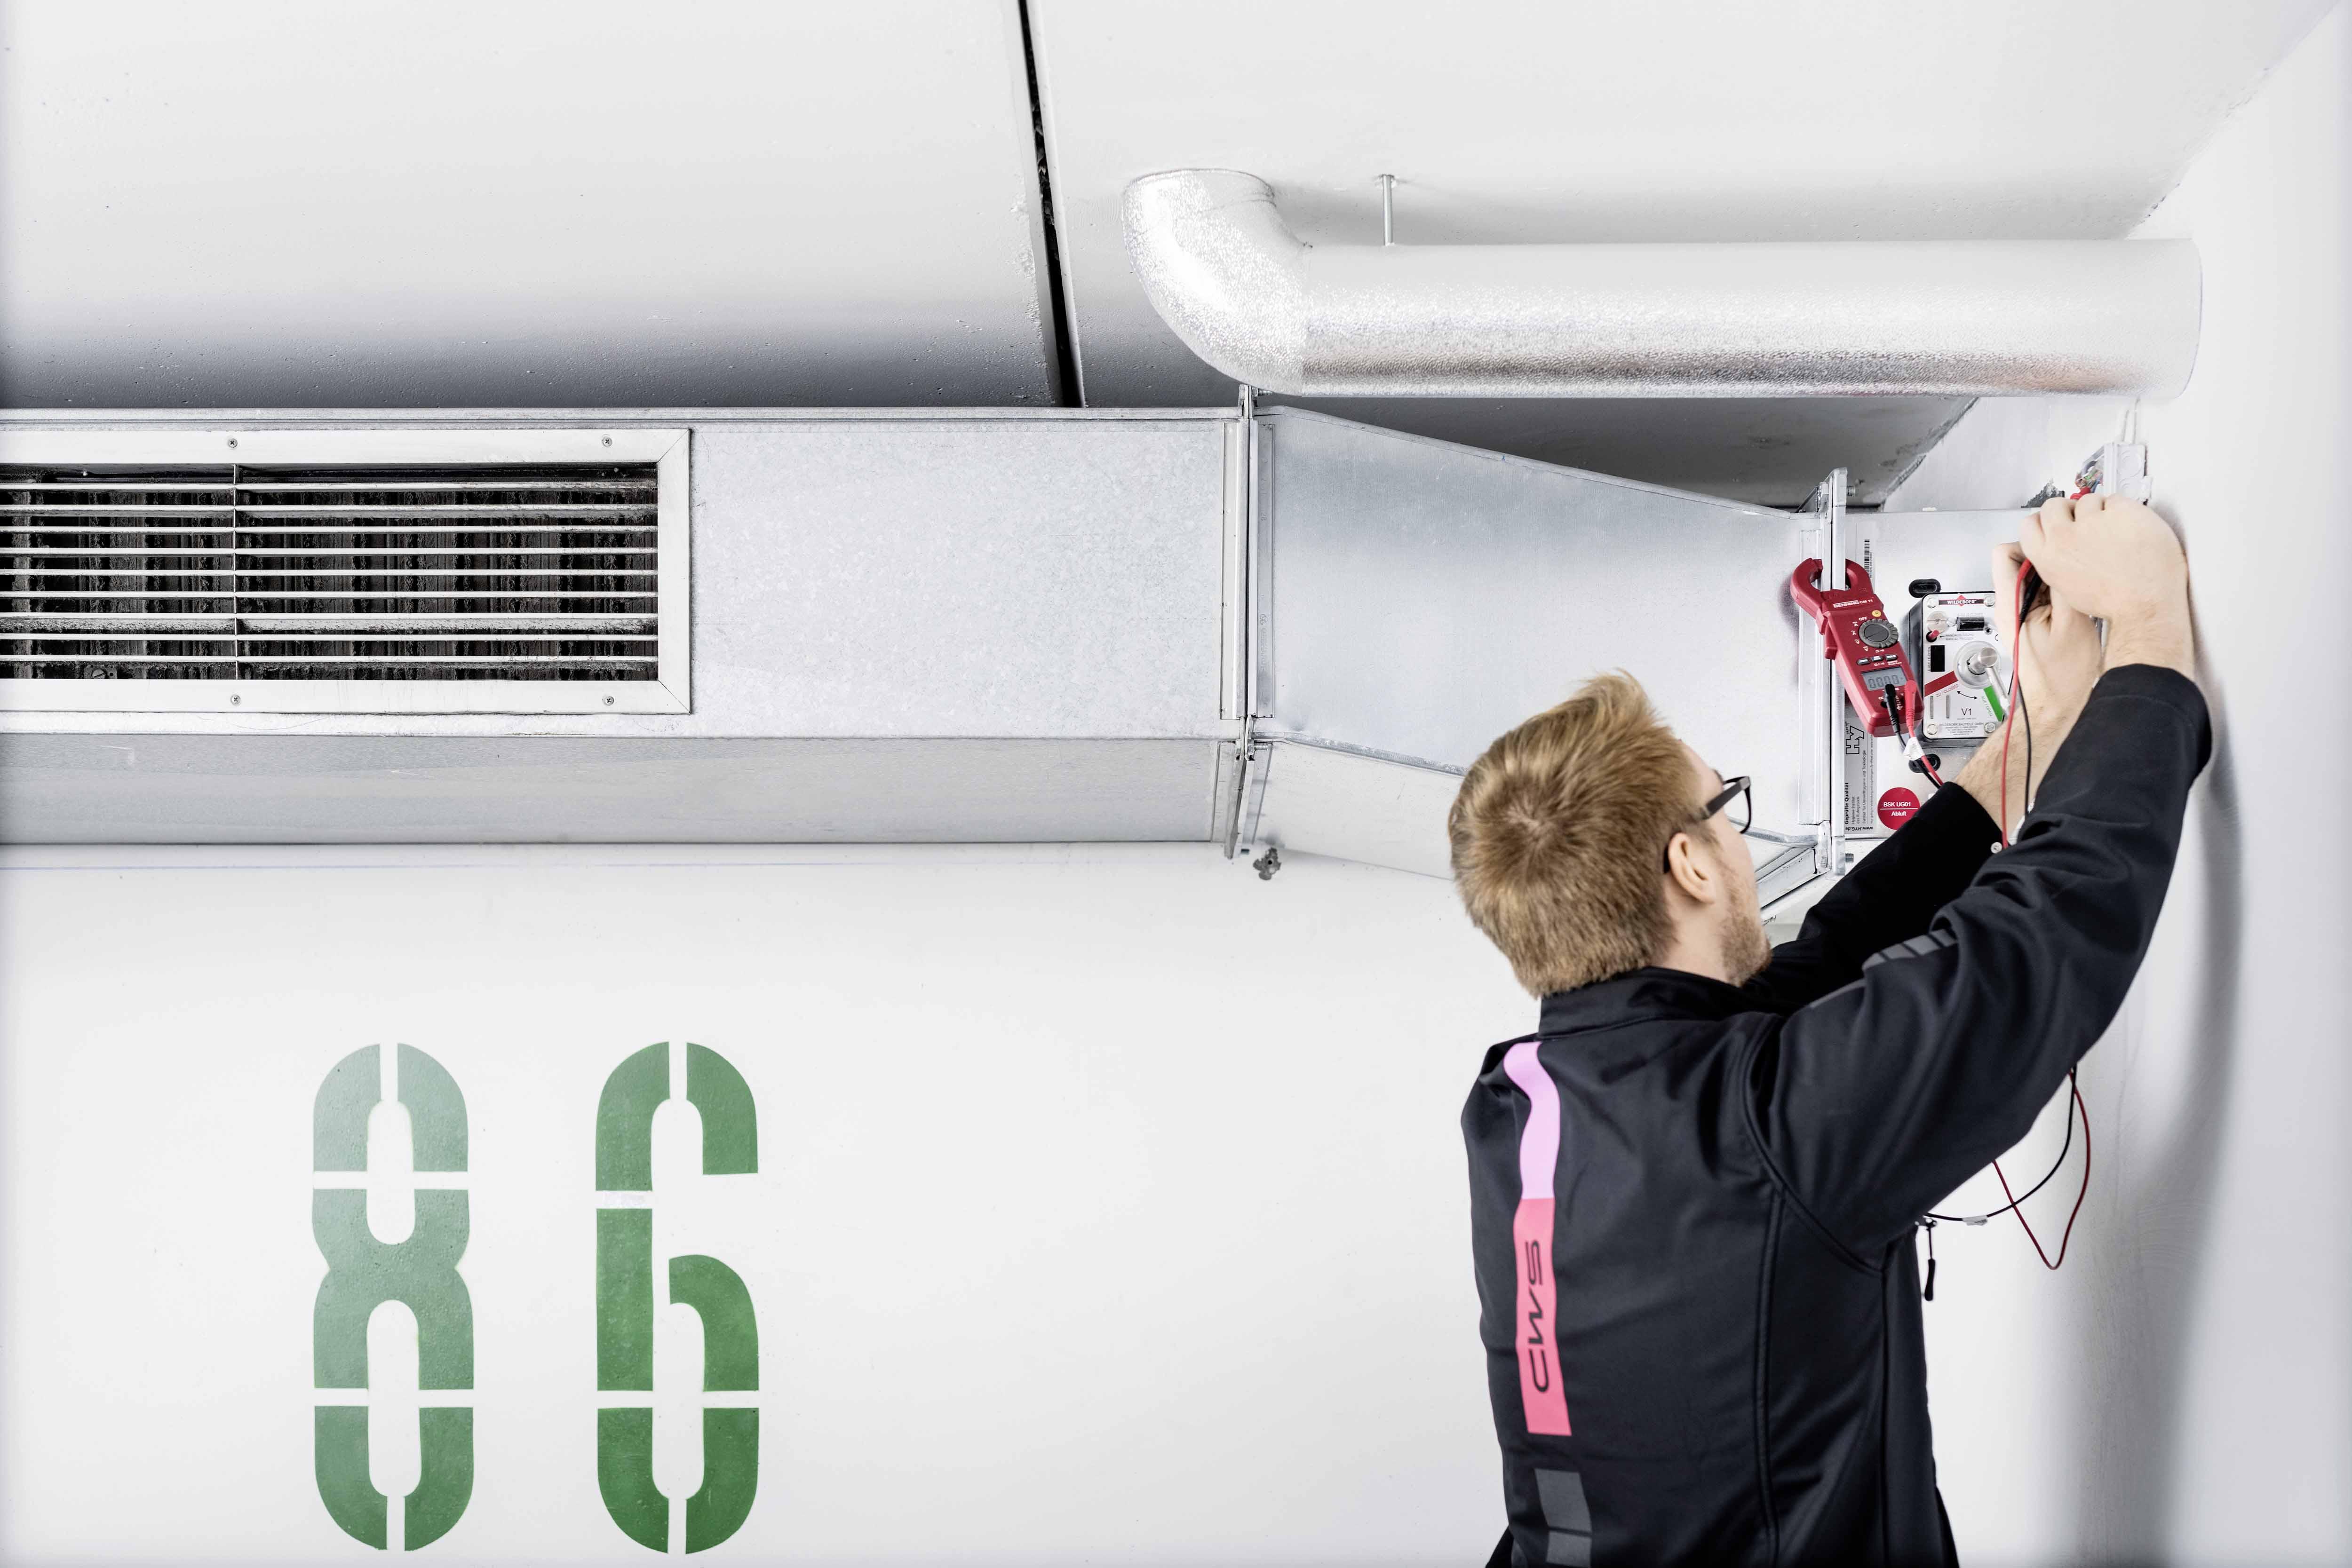 Brandschutztechnische Wartung einer Lüftungsanlage durch CWS Brandschutztechniker